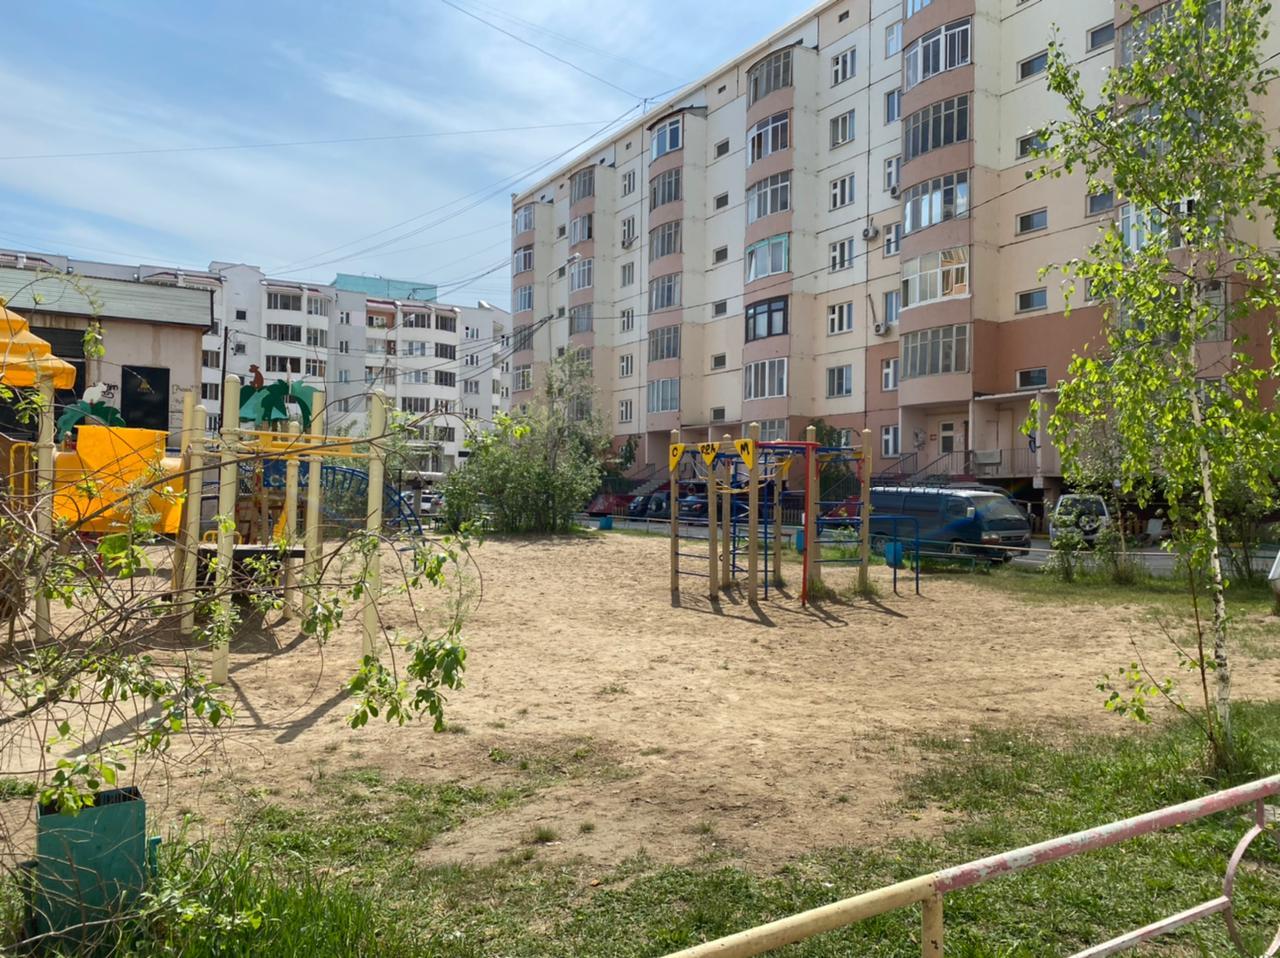 Благоустройство дворовых территорий начато в трех округах Якутска